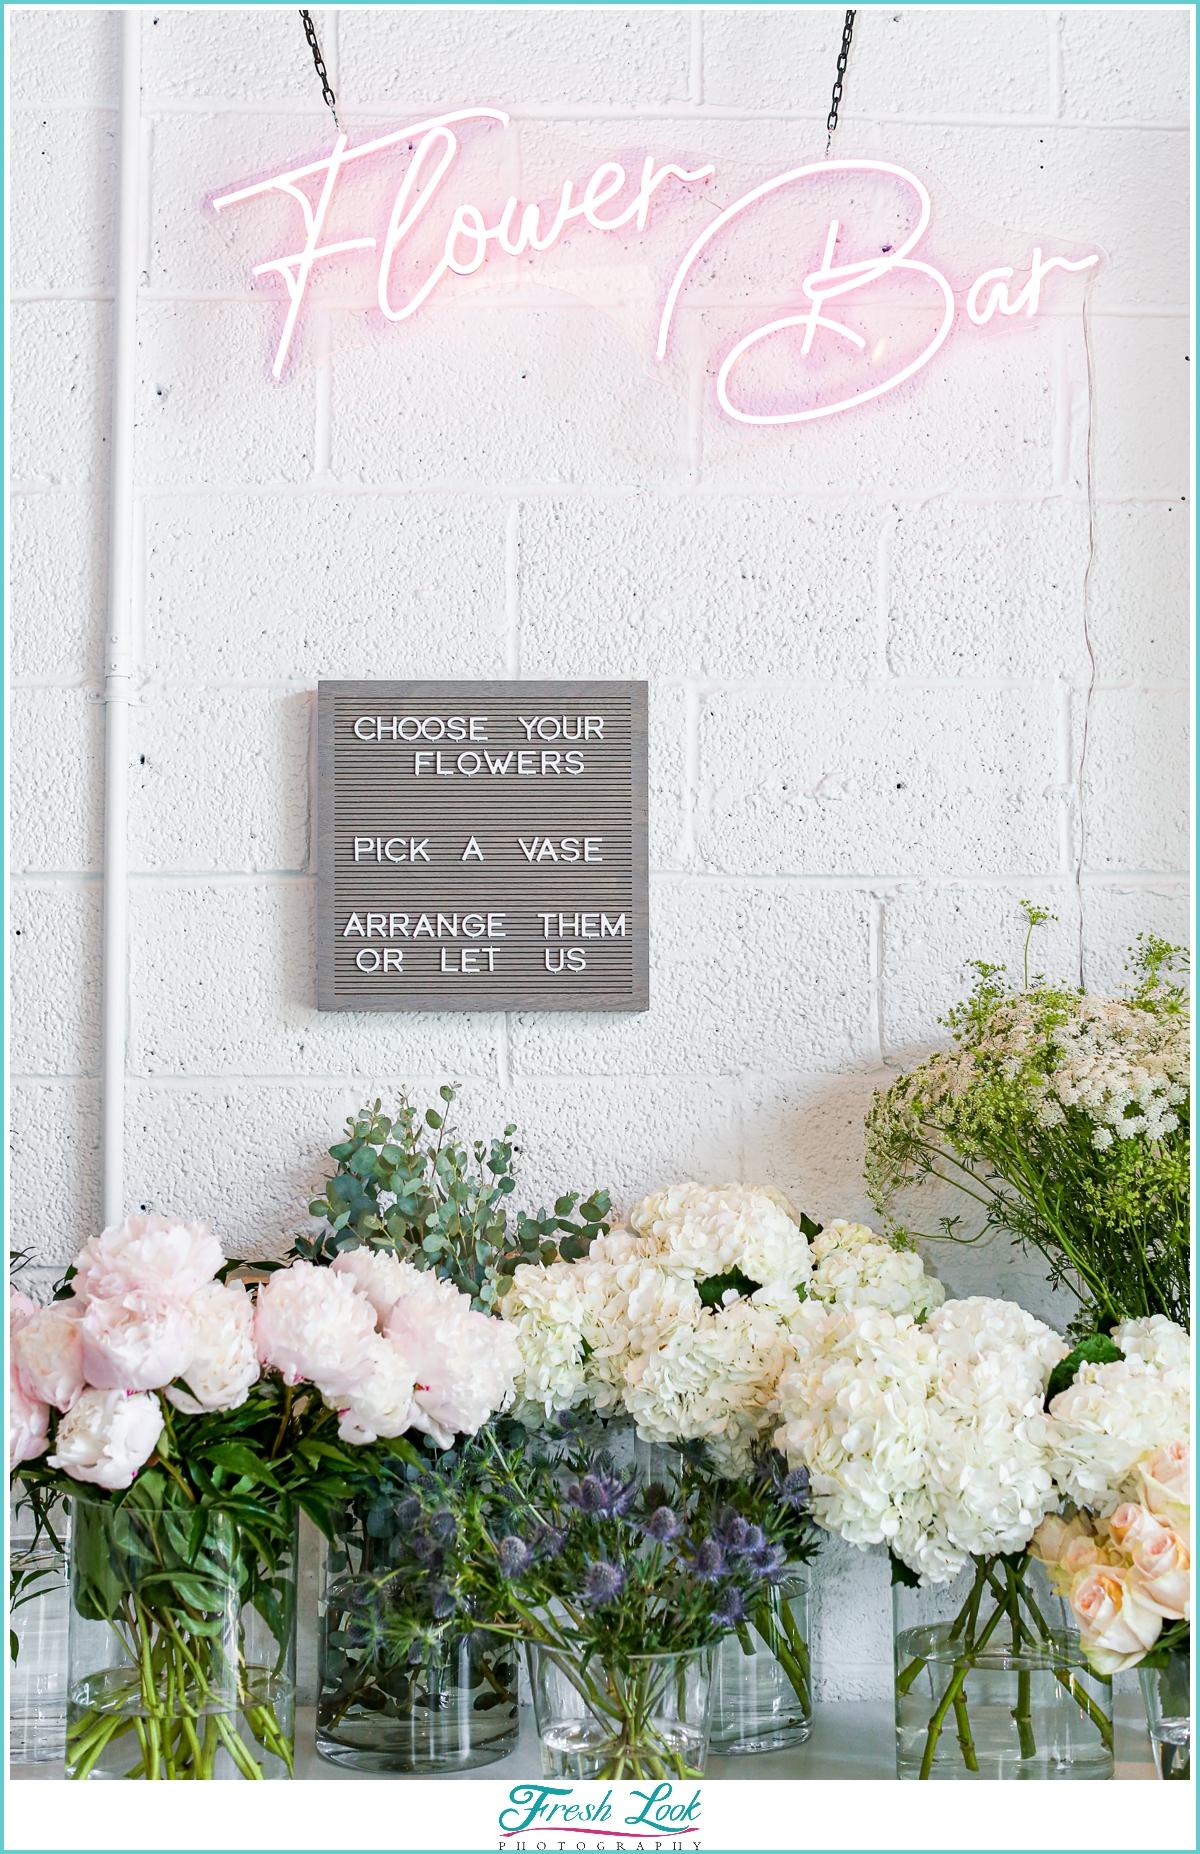 Norfolk Flower Bar neon sign